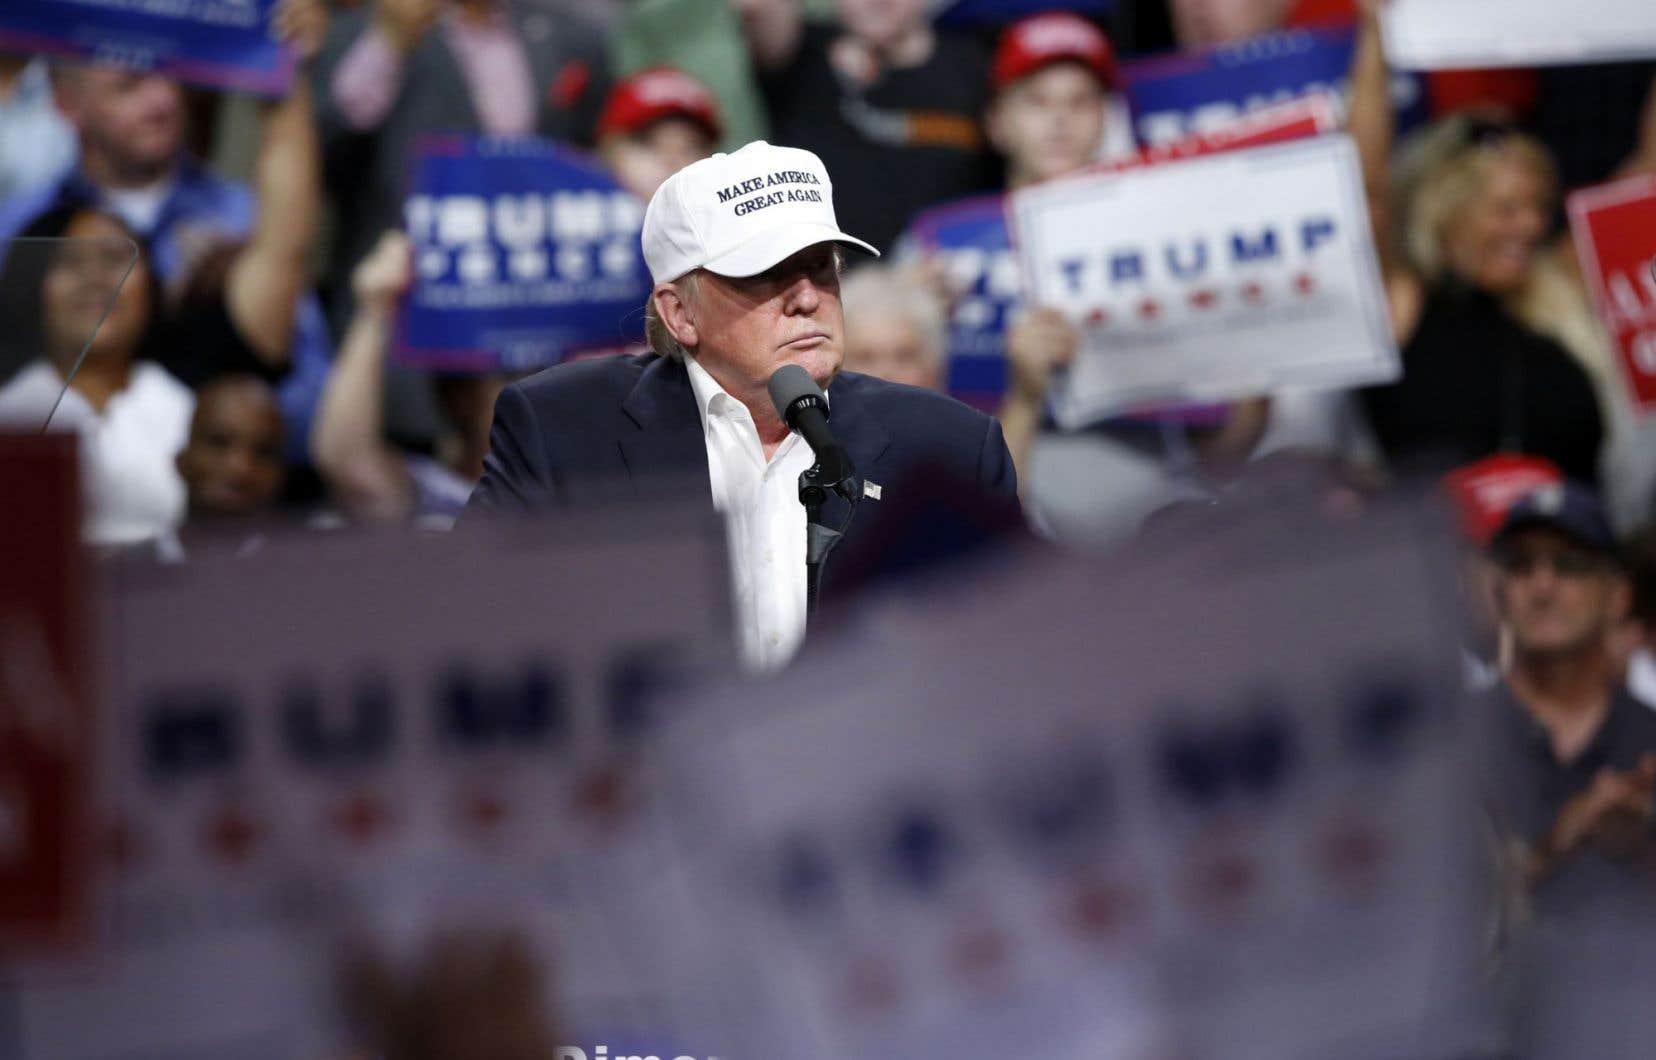 Le cran de sécurité que représenterait le scrutin majoritaire uninominal laisse passer des dangers comme Donald Trump, l'archétype même du démagocrate.